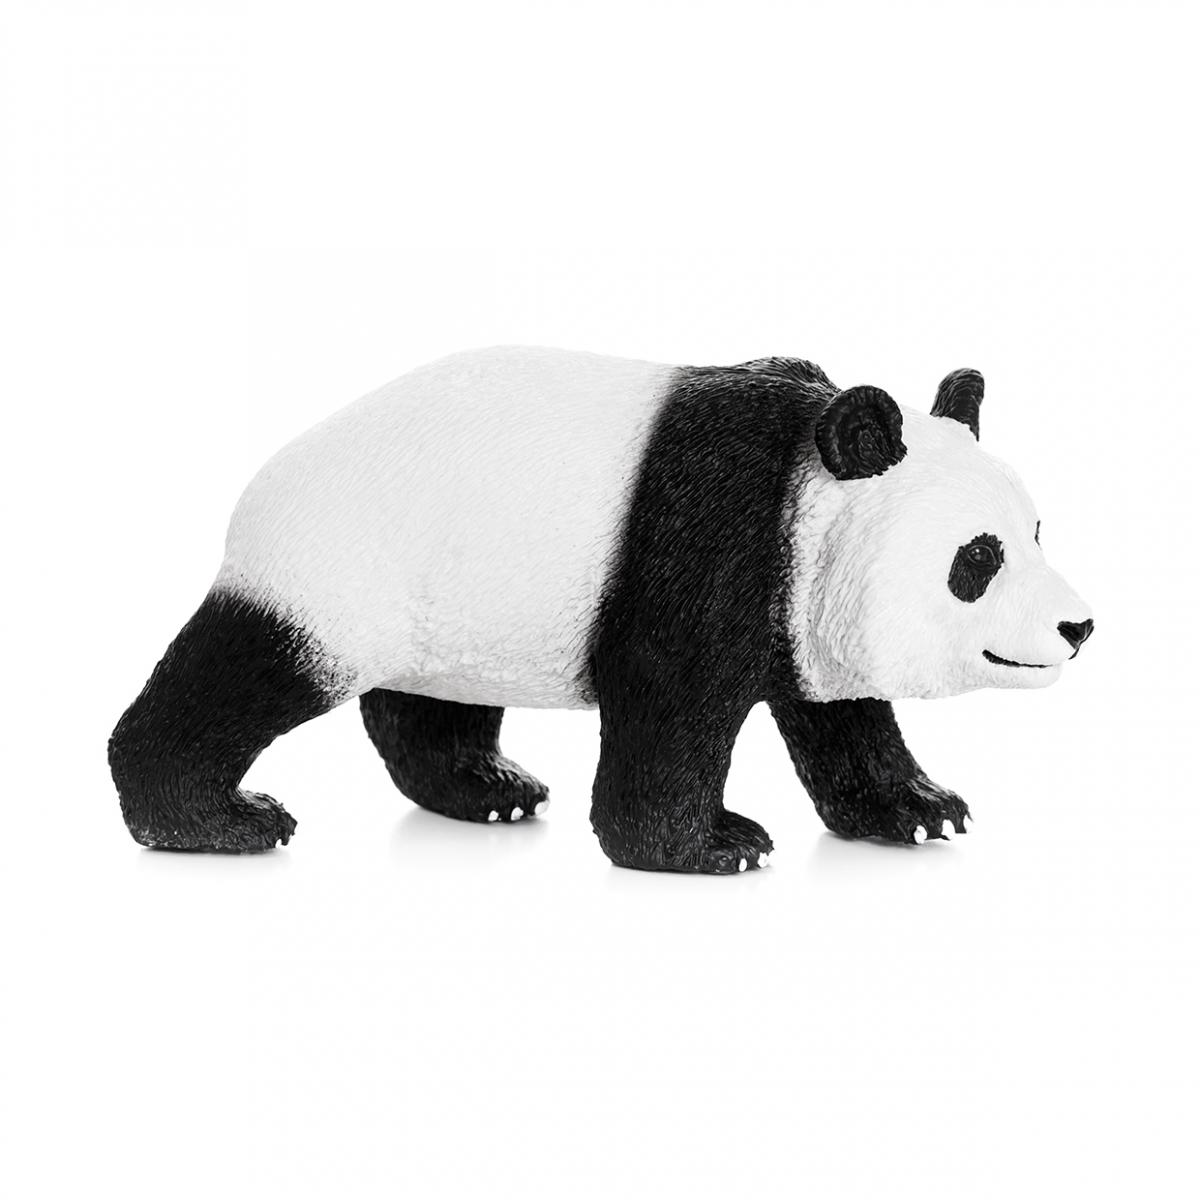 Imagen de un oso panda